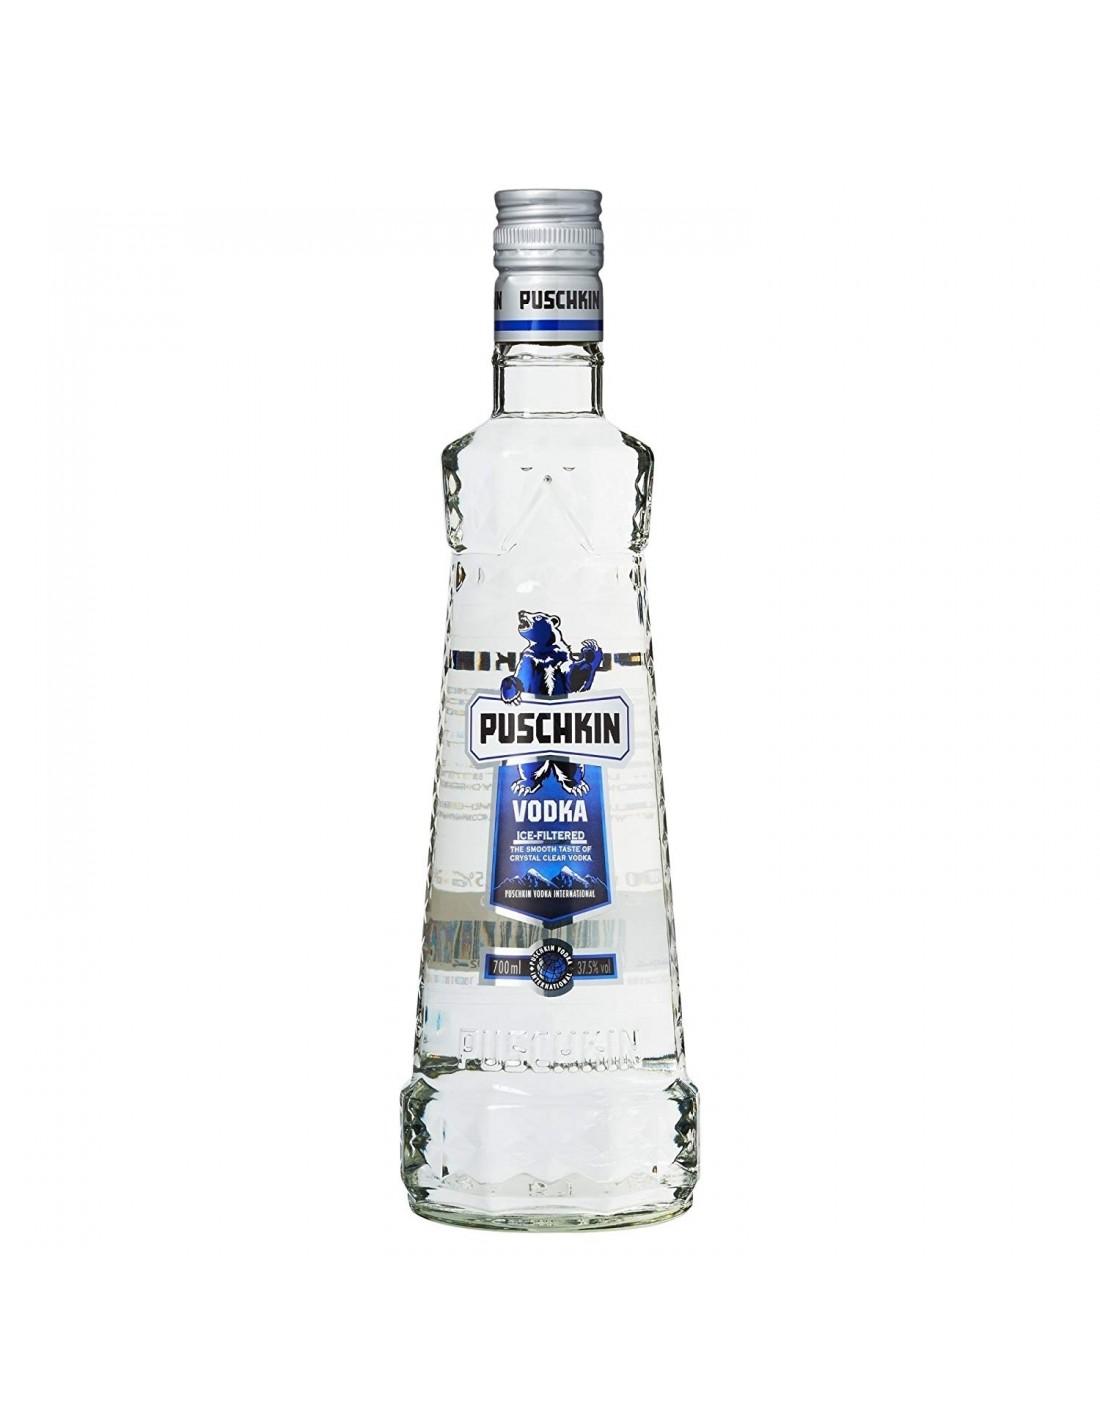 Vodca Puschkin 37.5% alc., 0.7L, Germania